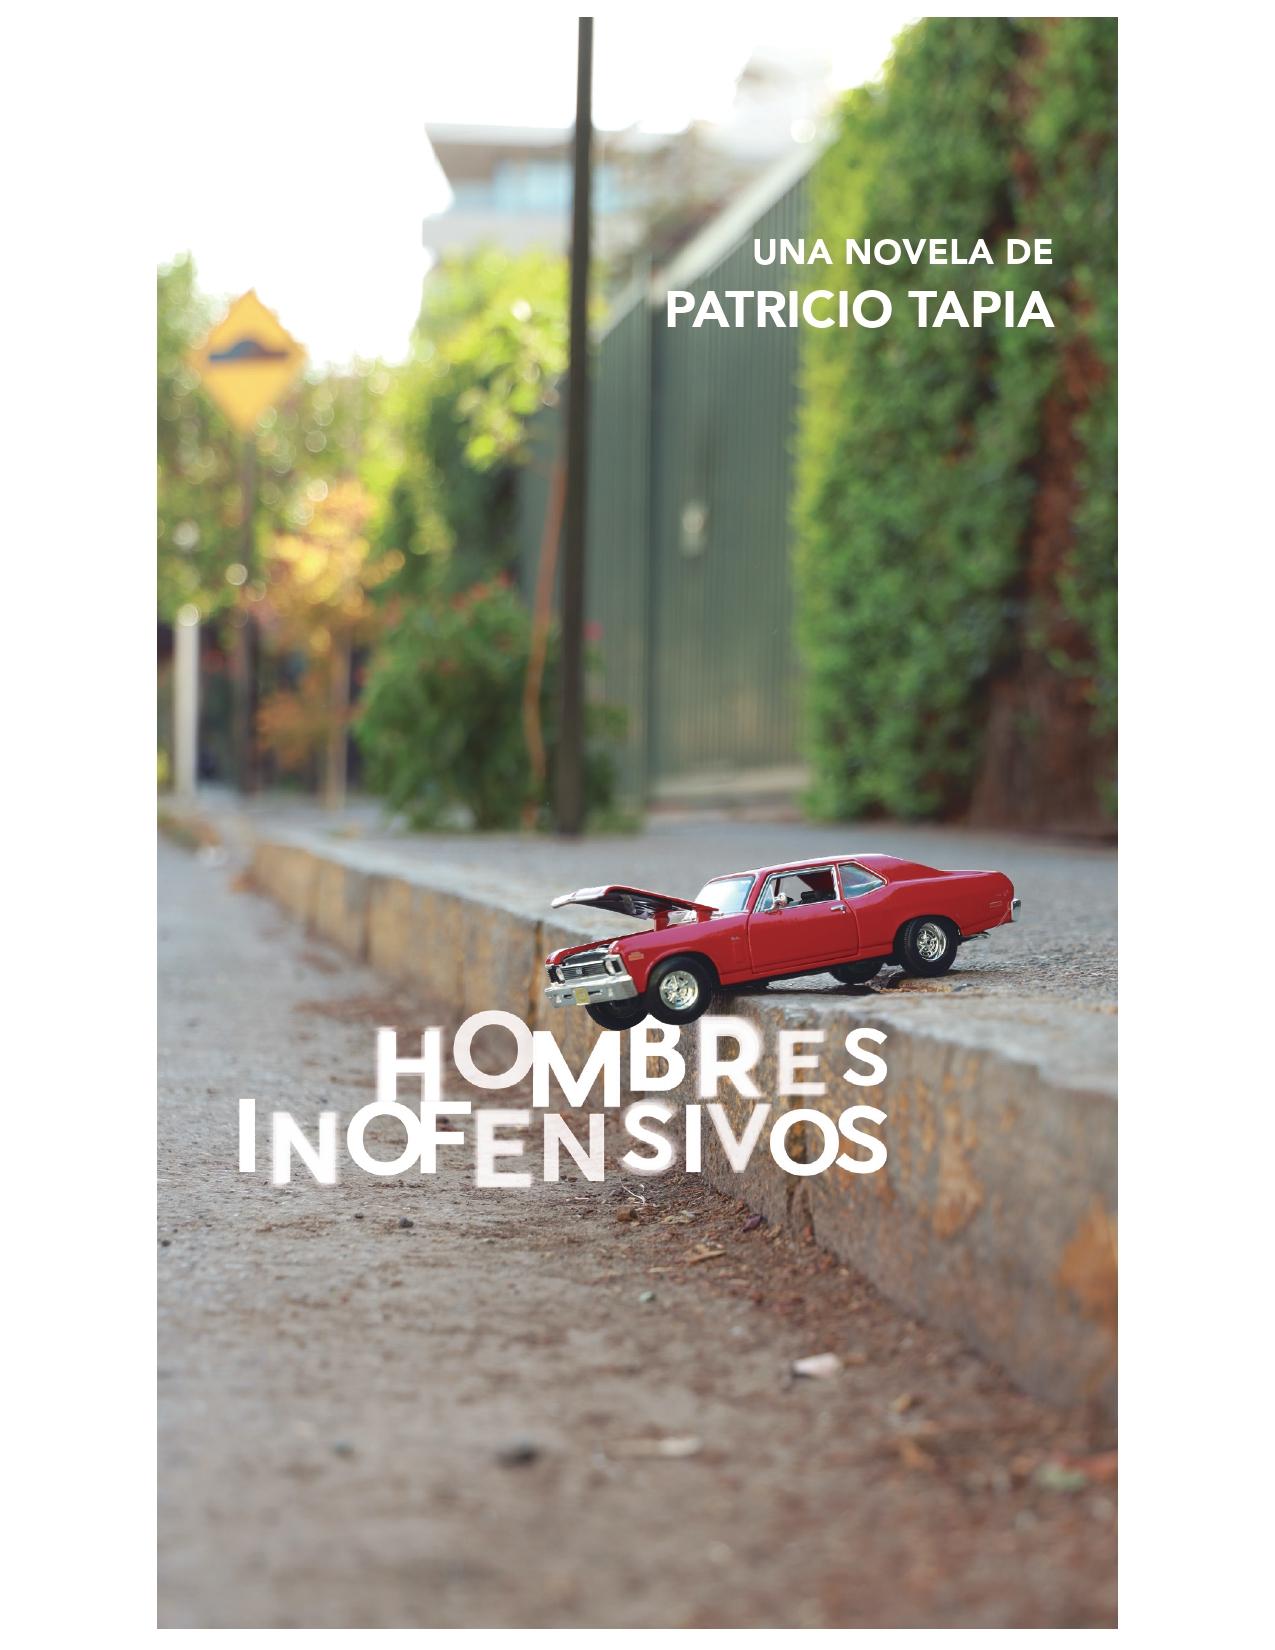 Adelanto_Hombres_Inofensivos_Patricio_Tapia_page-0001